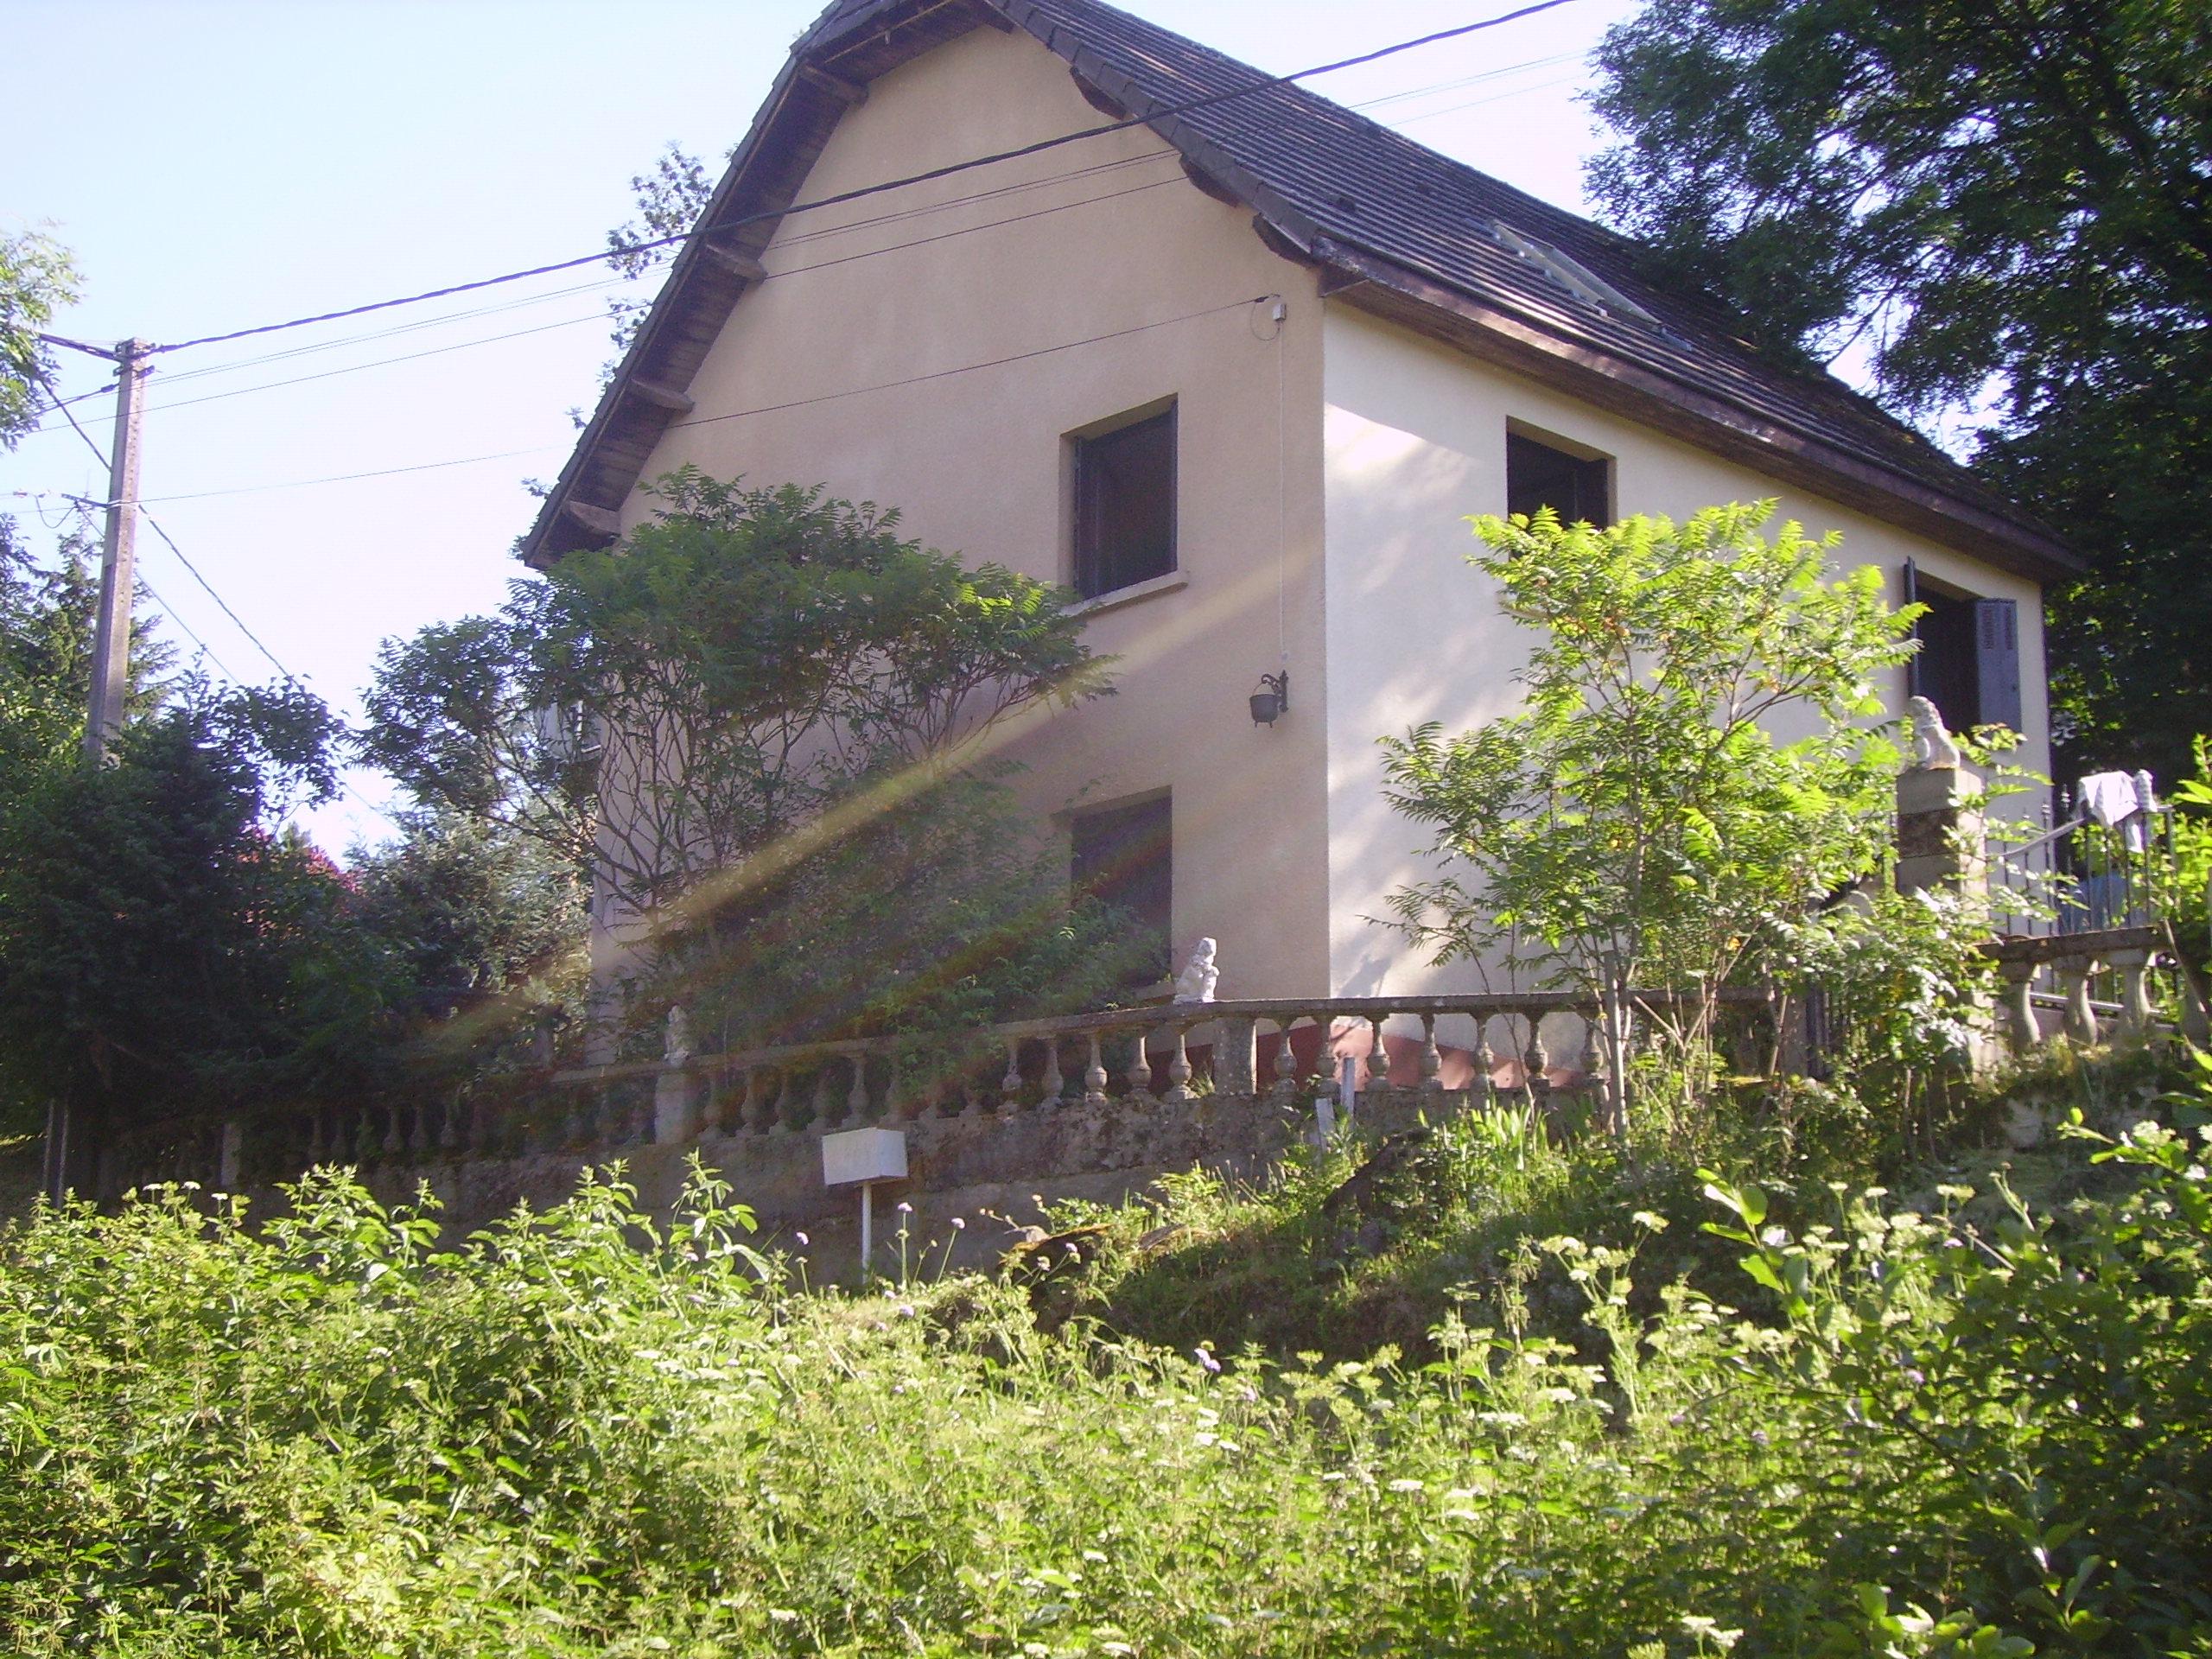 VenteMaison/VillaCOMPAINS63610Puy de DômeFRANCE